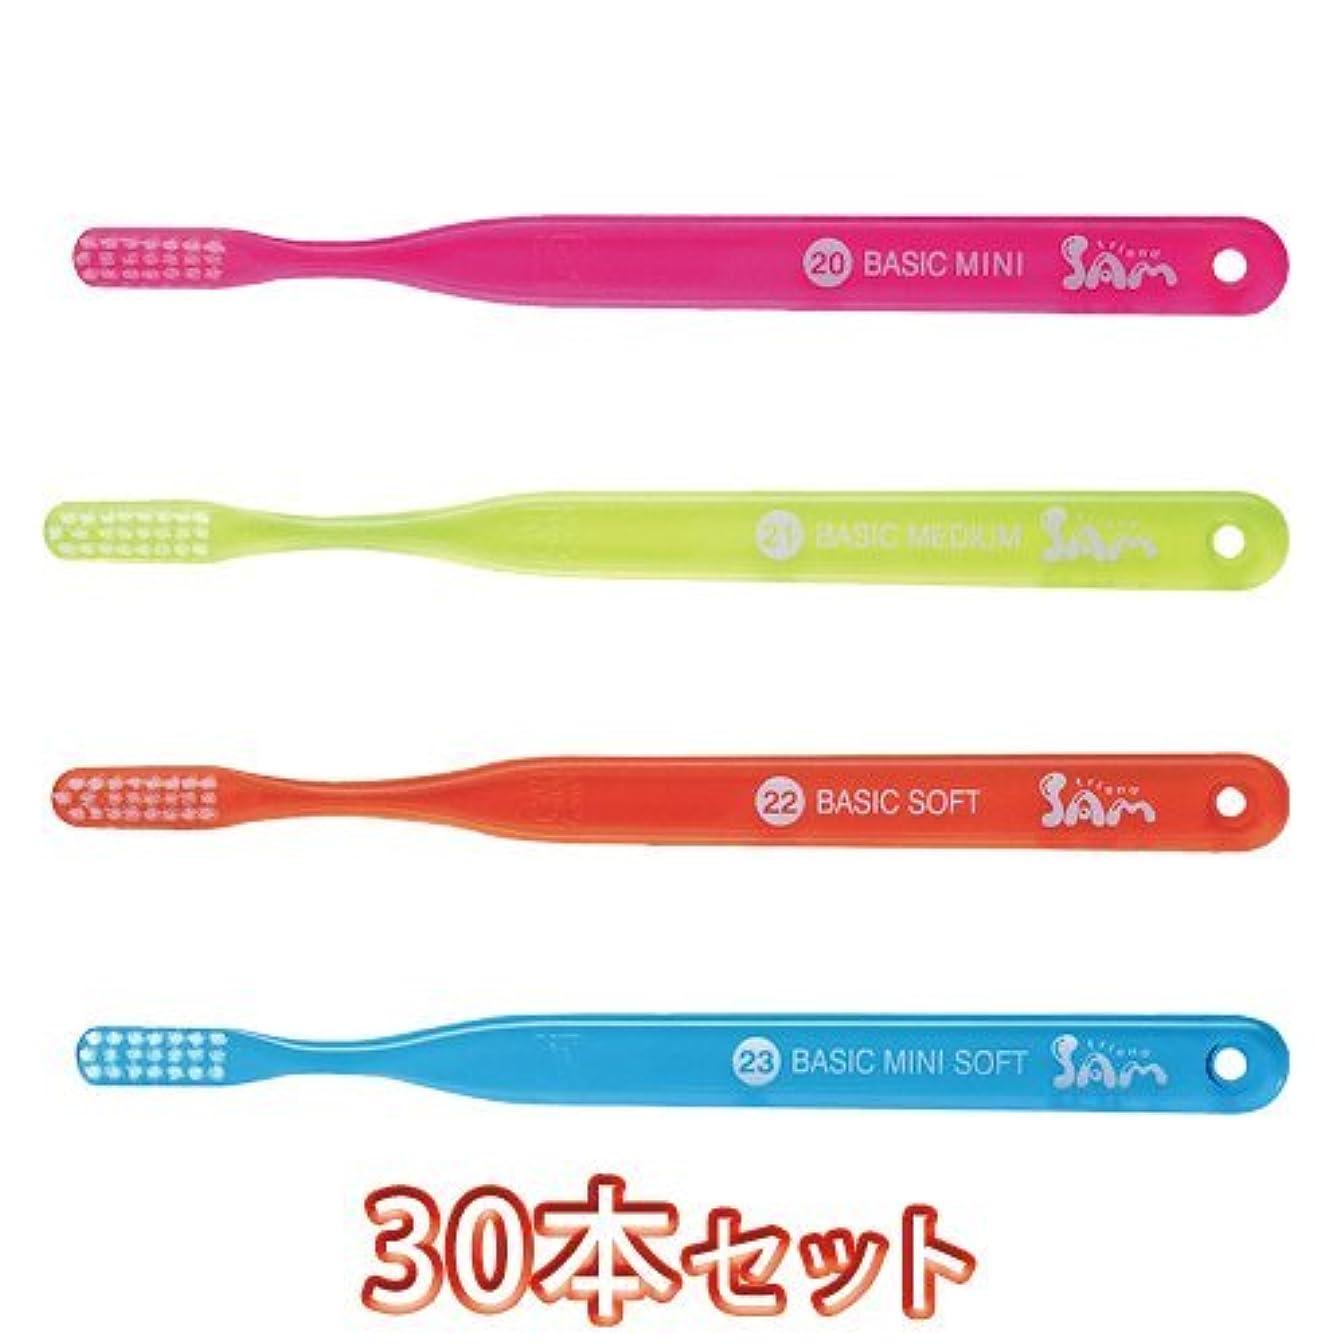 認知無駄だ電気陽性サムフレンドベーシック歯ブラシ30本入(20/21/22/23) (?20)